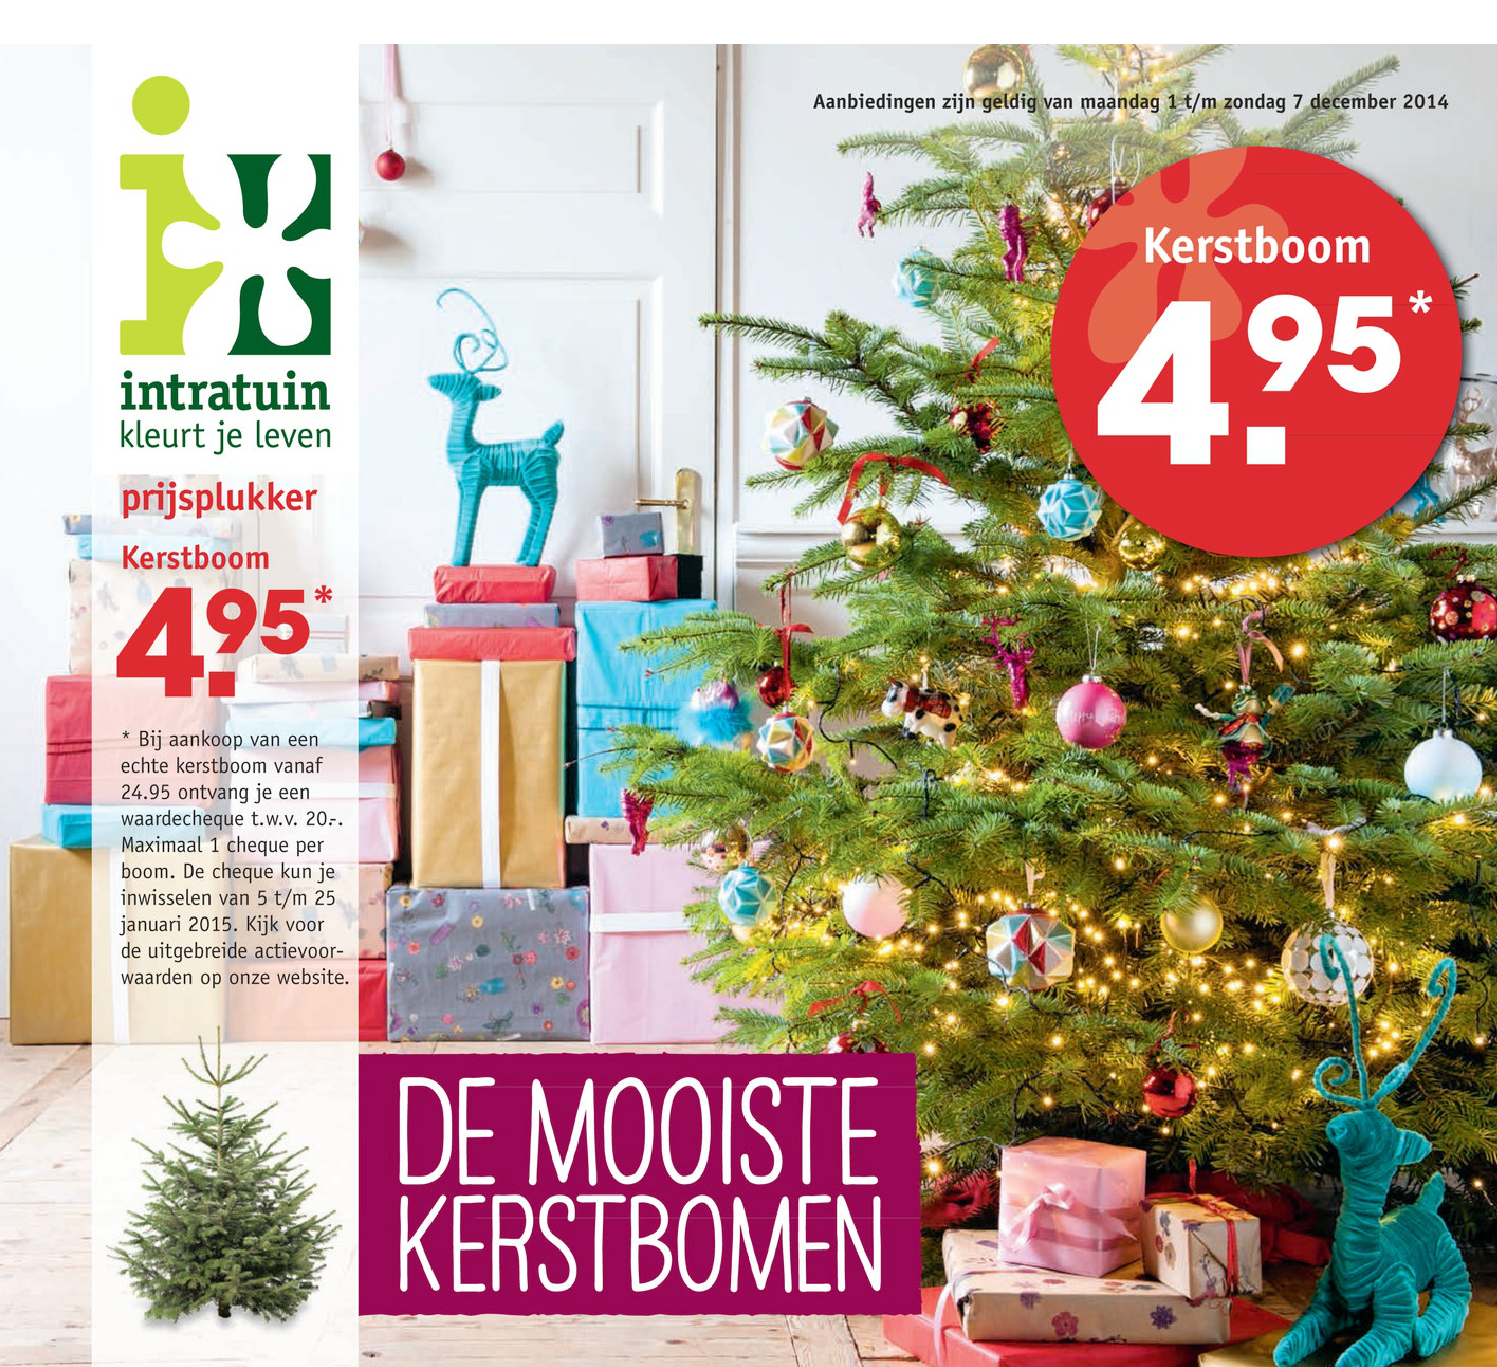 Fabulous 20 euro korting op kerstbomen bij Intratuin - Kerstboomprijzen.nl NO68